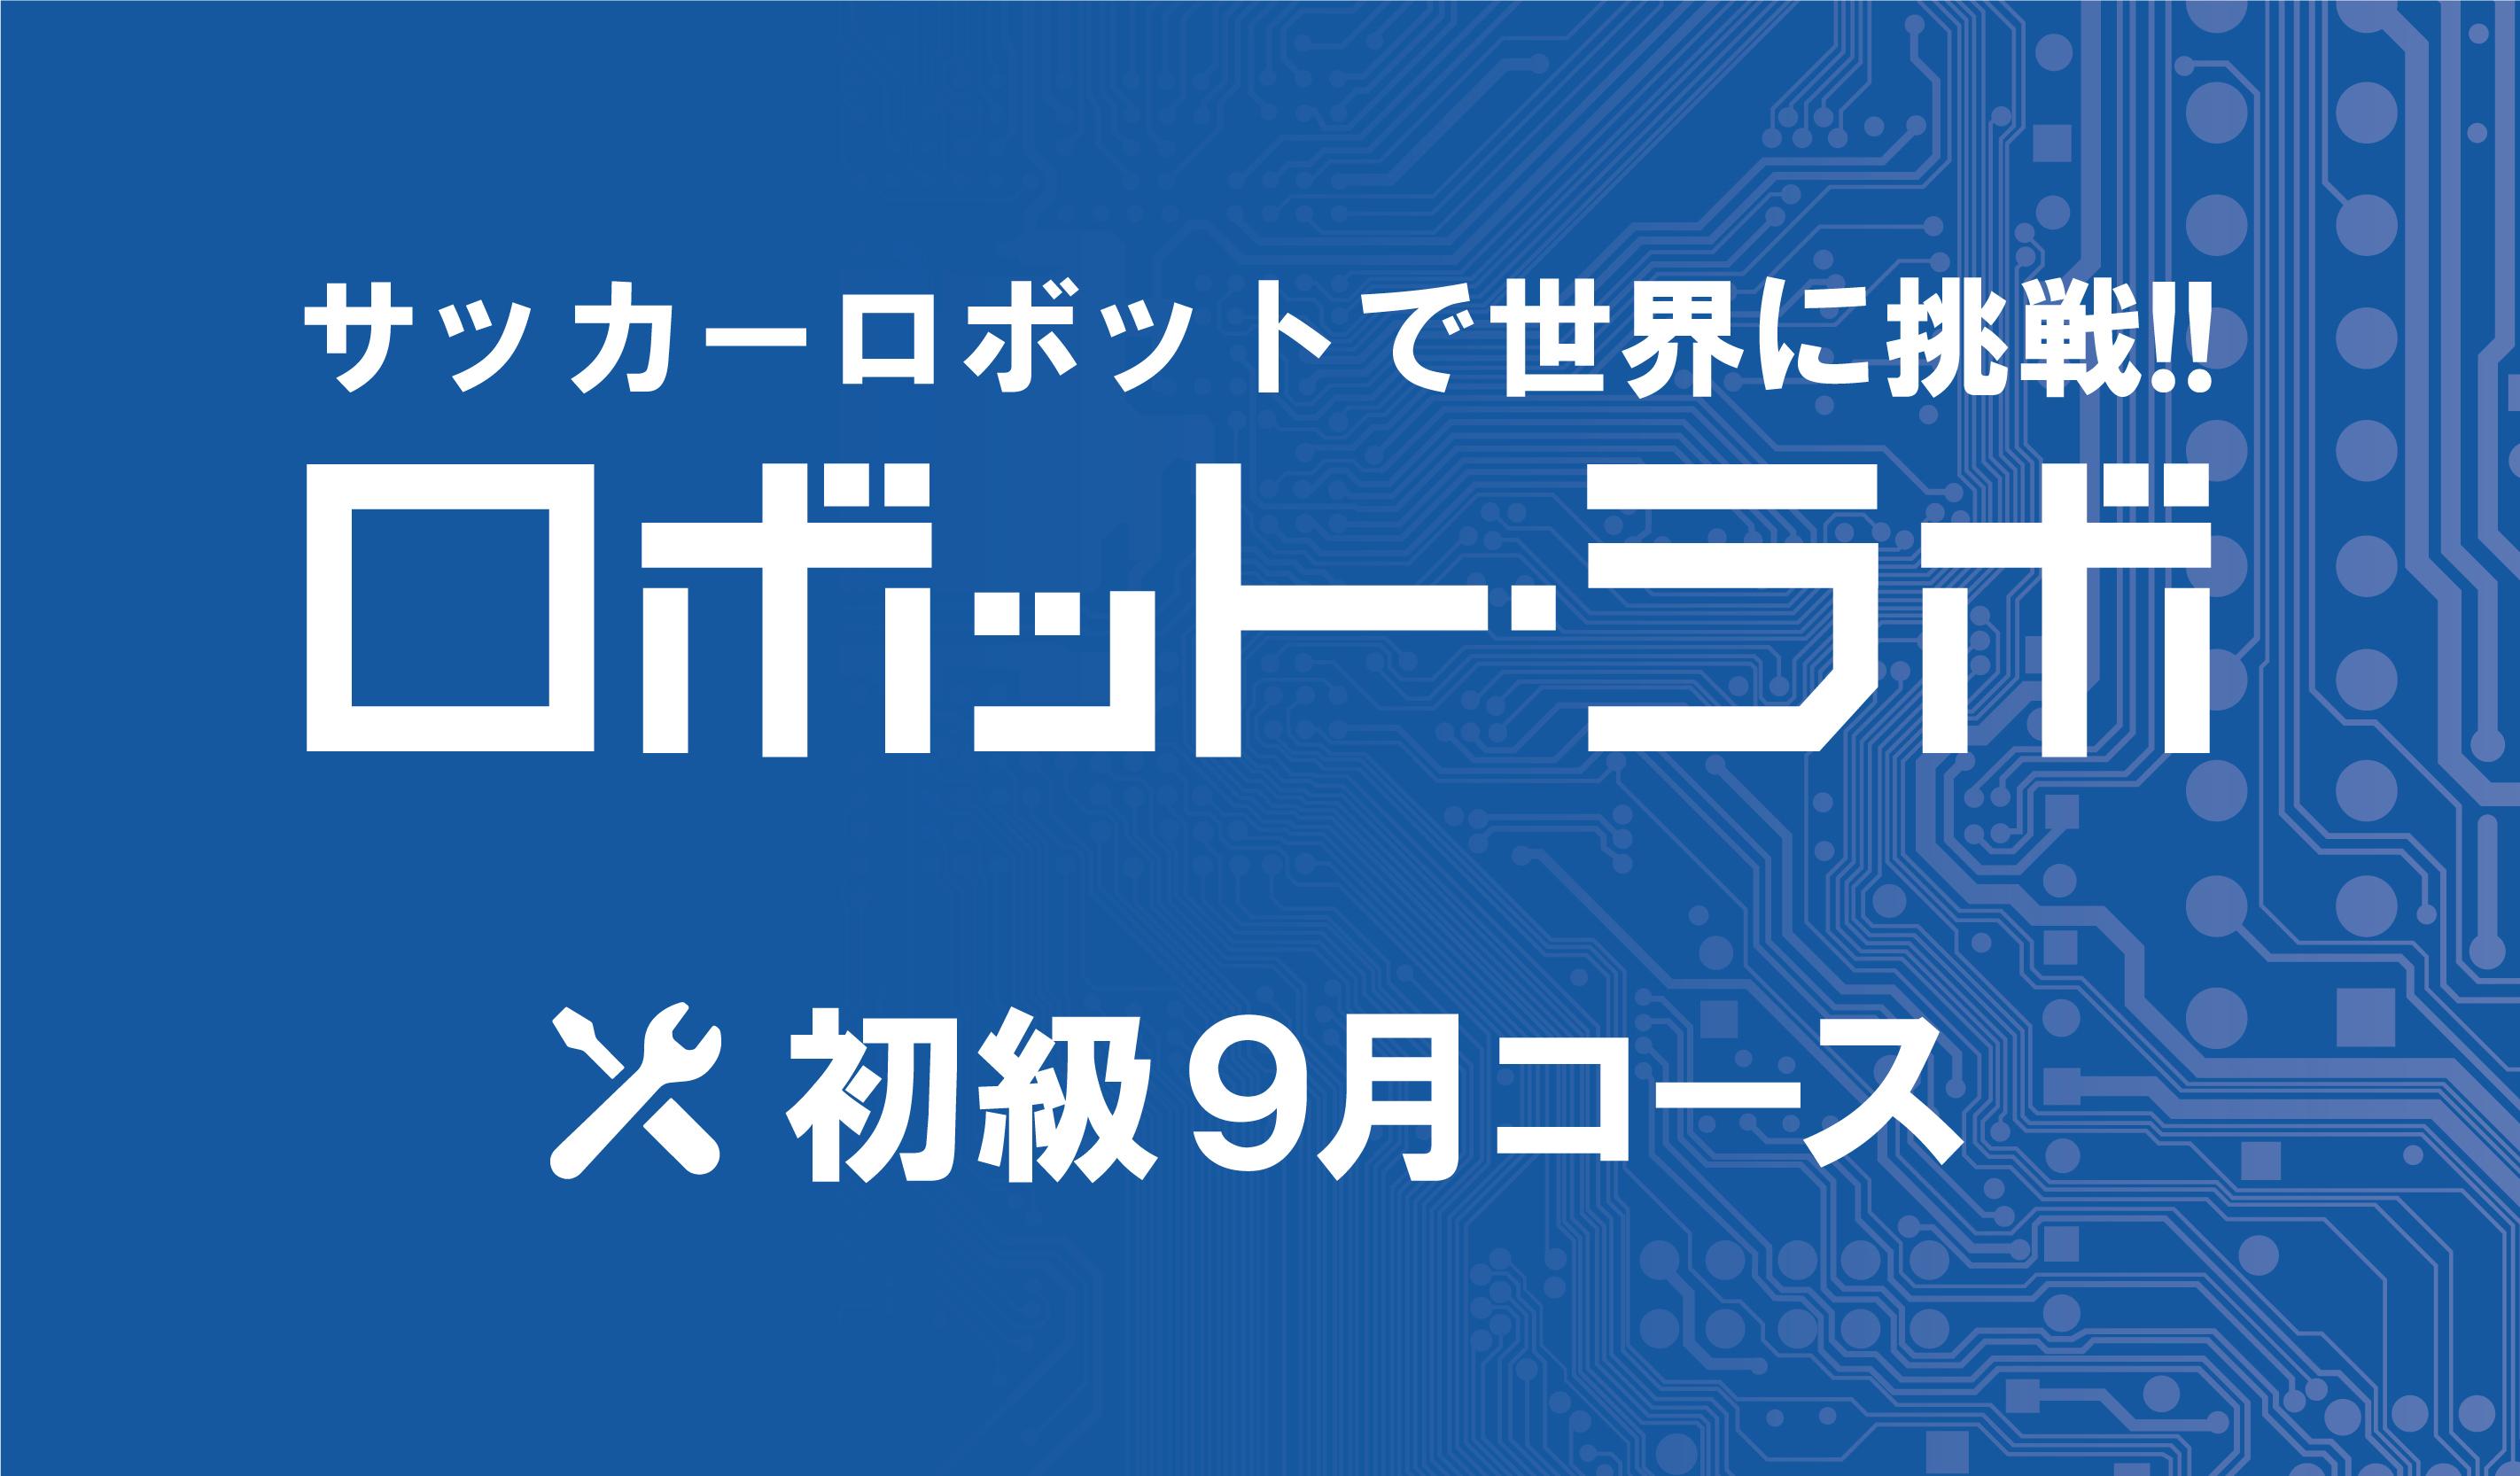 ロボット・ラボ初級 9月コース